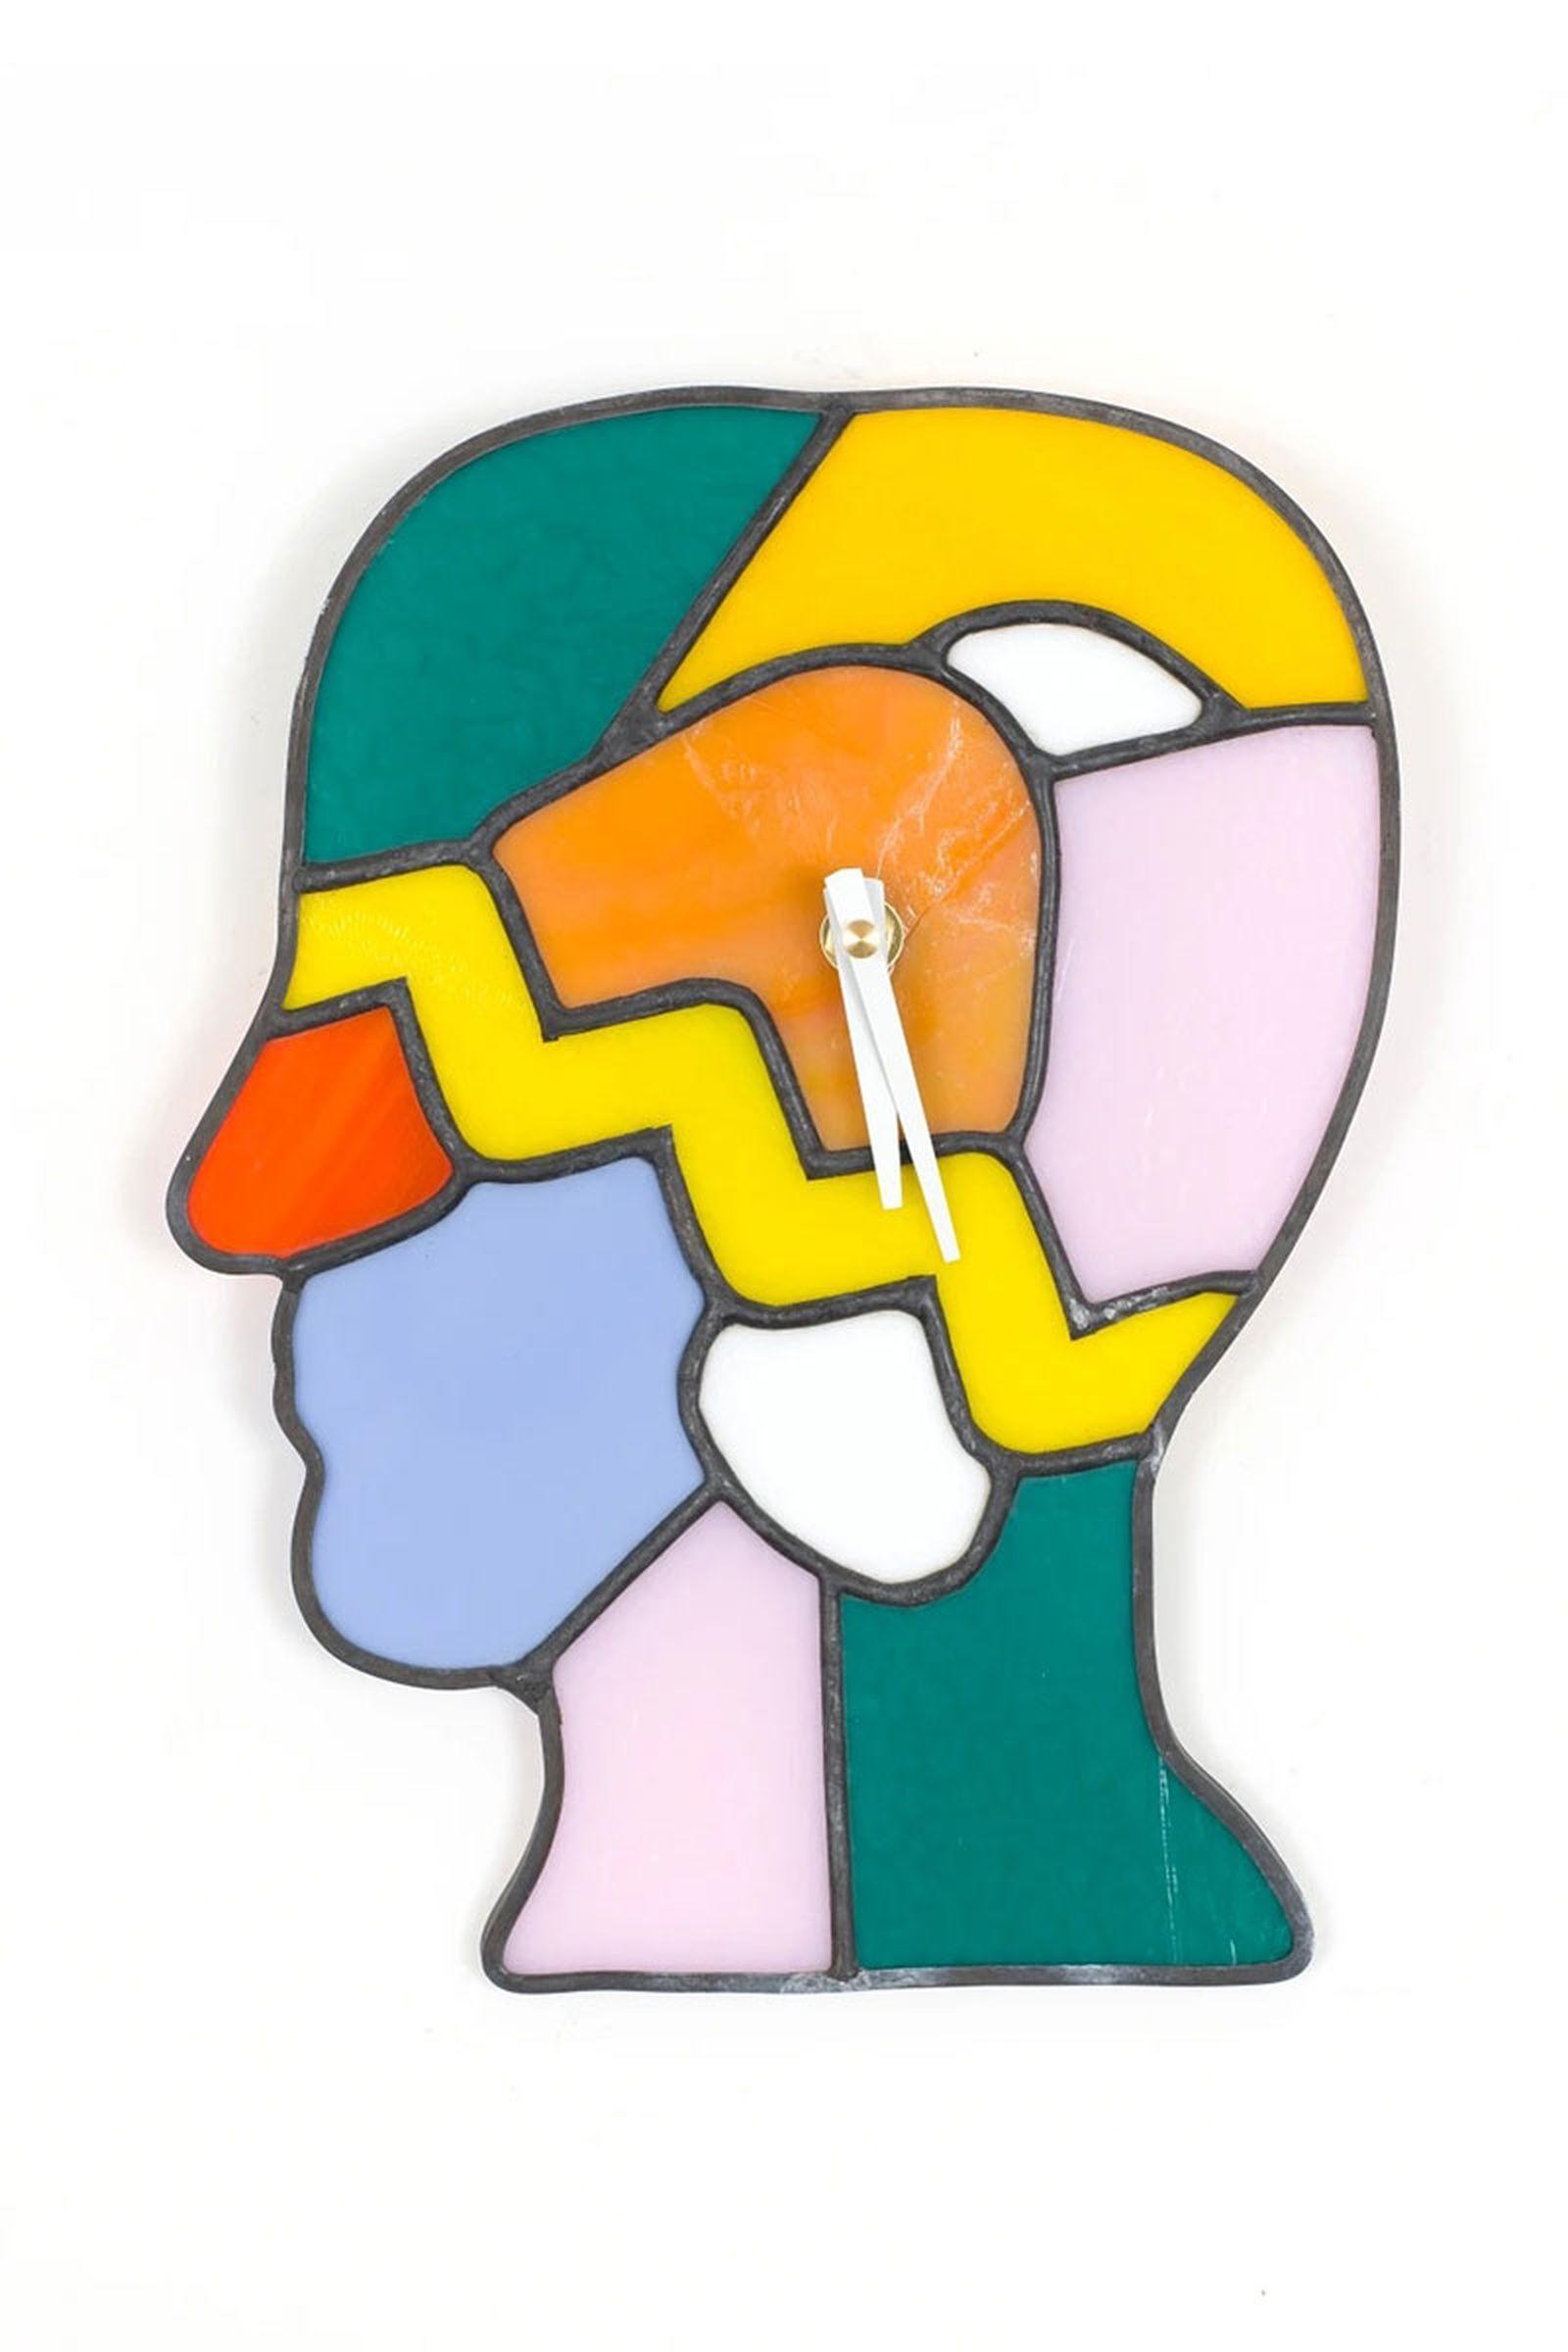 brain-dead-kerbi-urbanowski-stained-glass-clocks-(5)